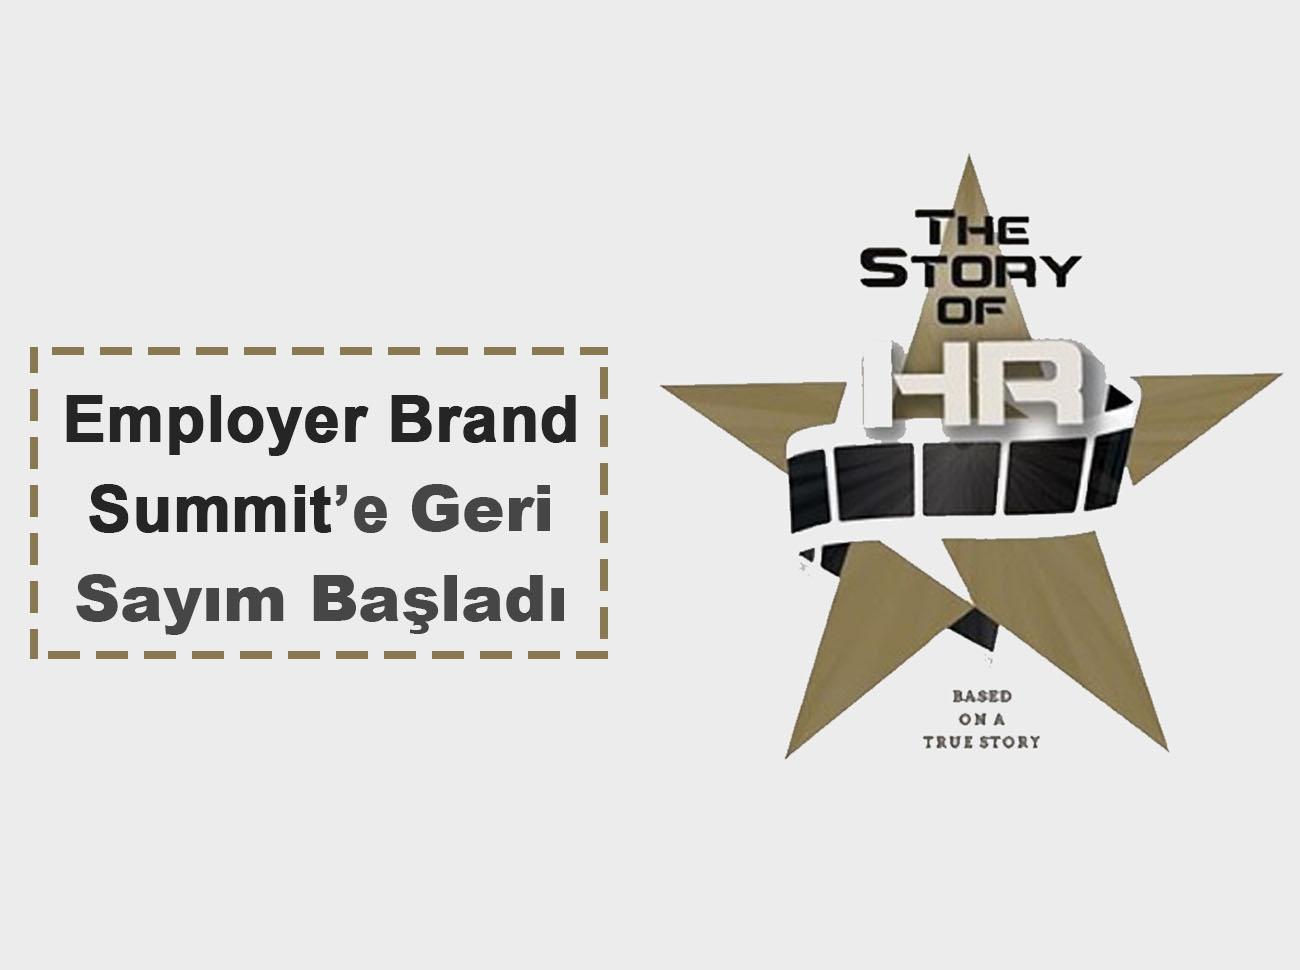 Employer Brand Summit'e Geri Sayım Başladı